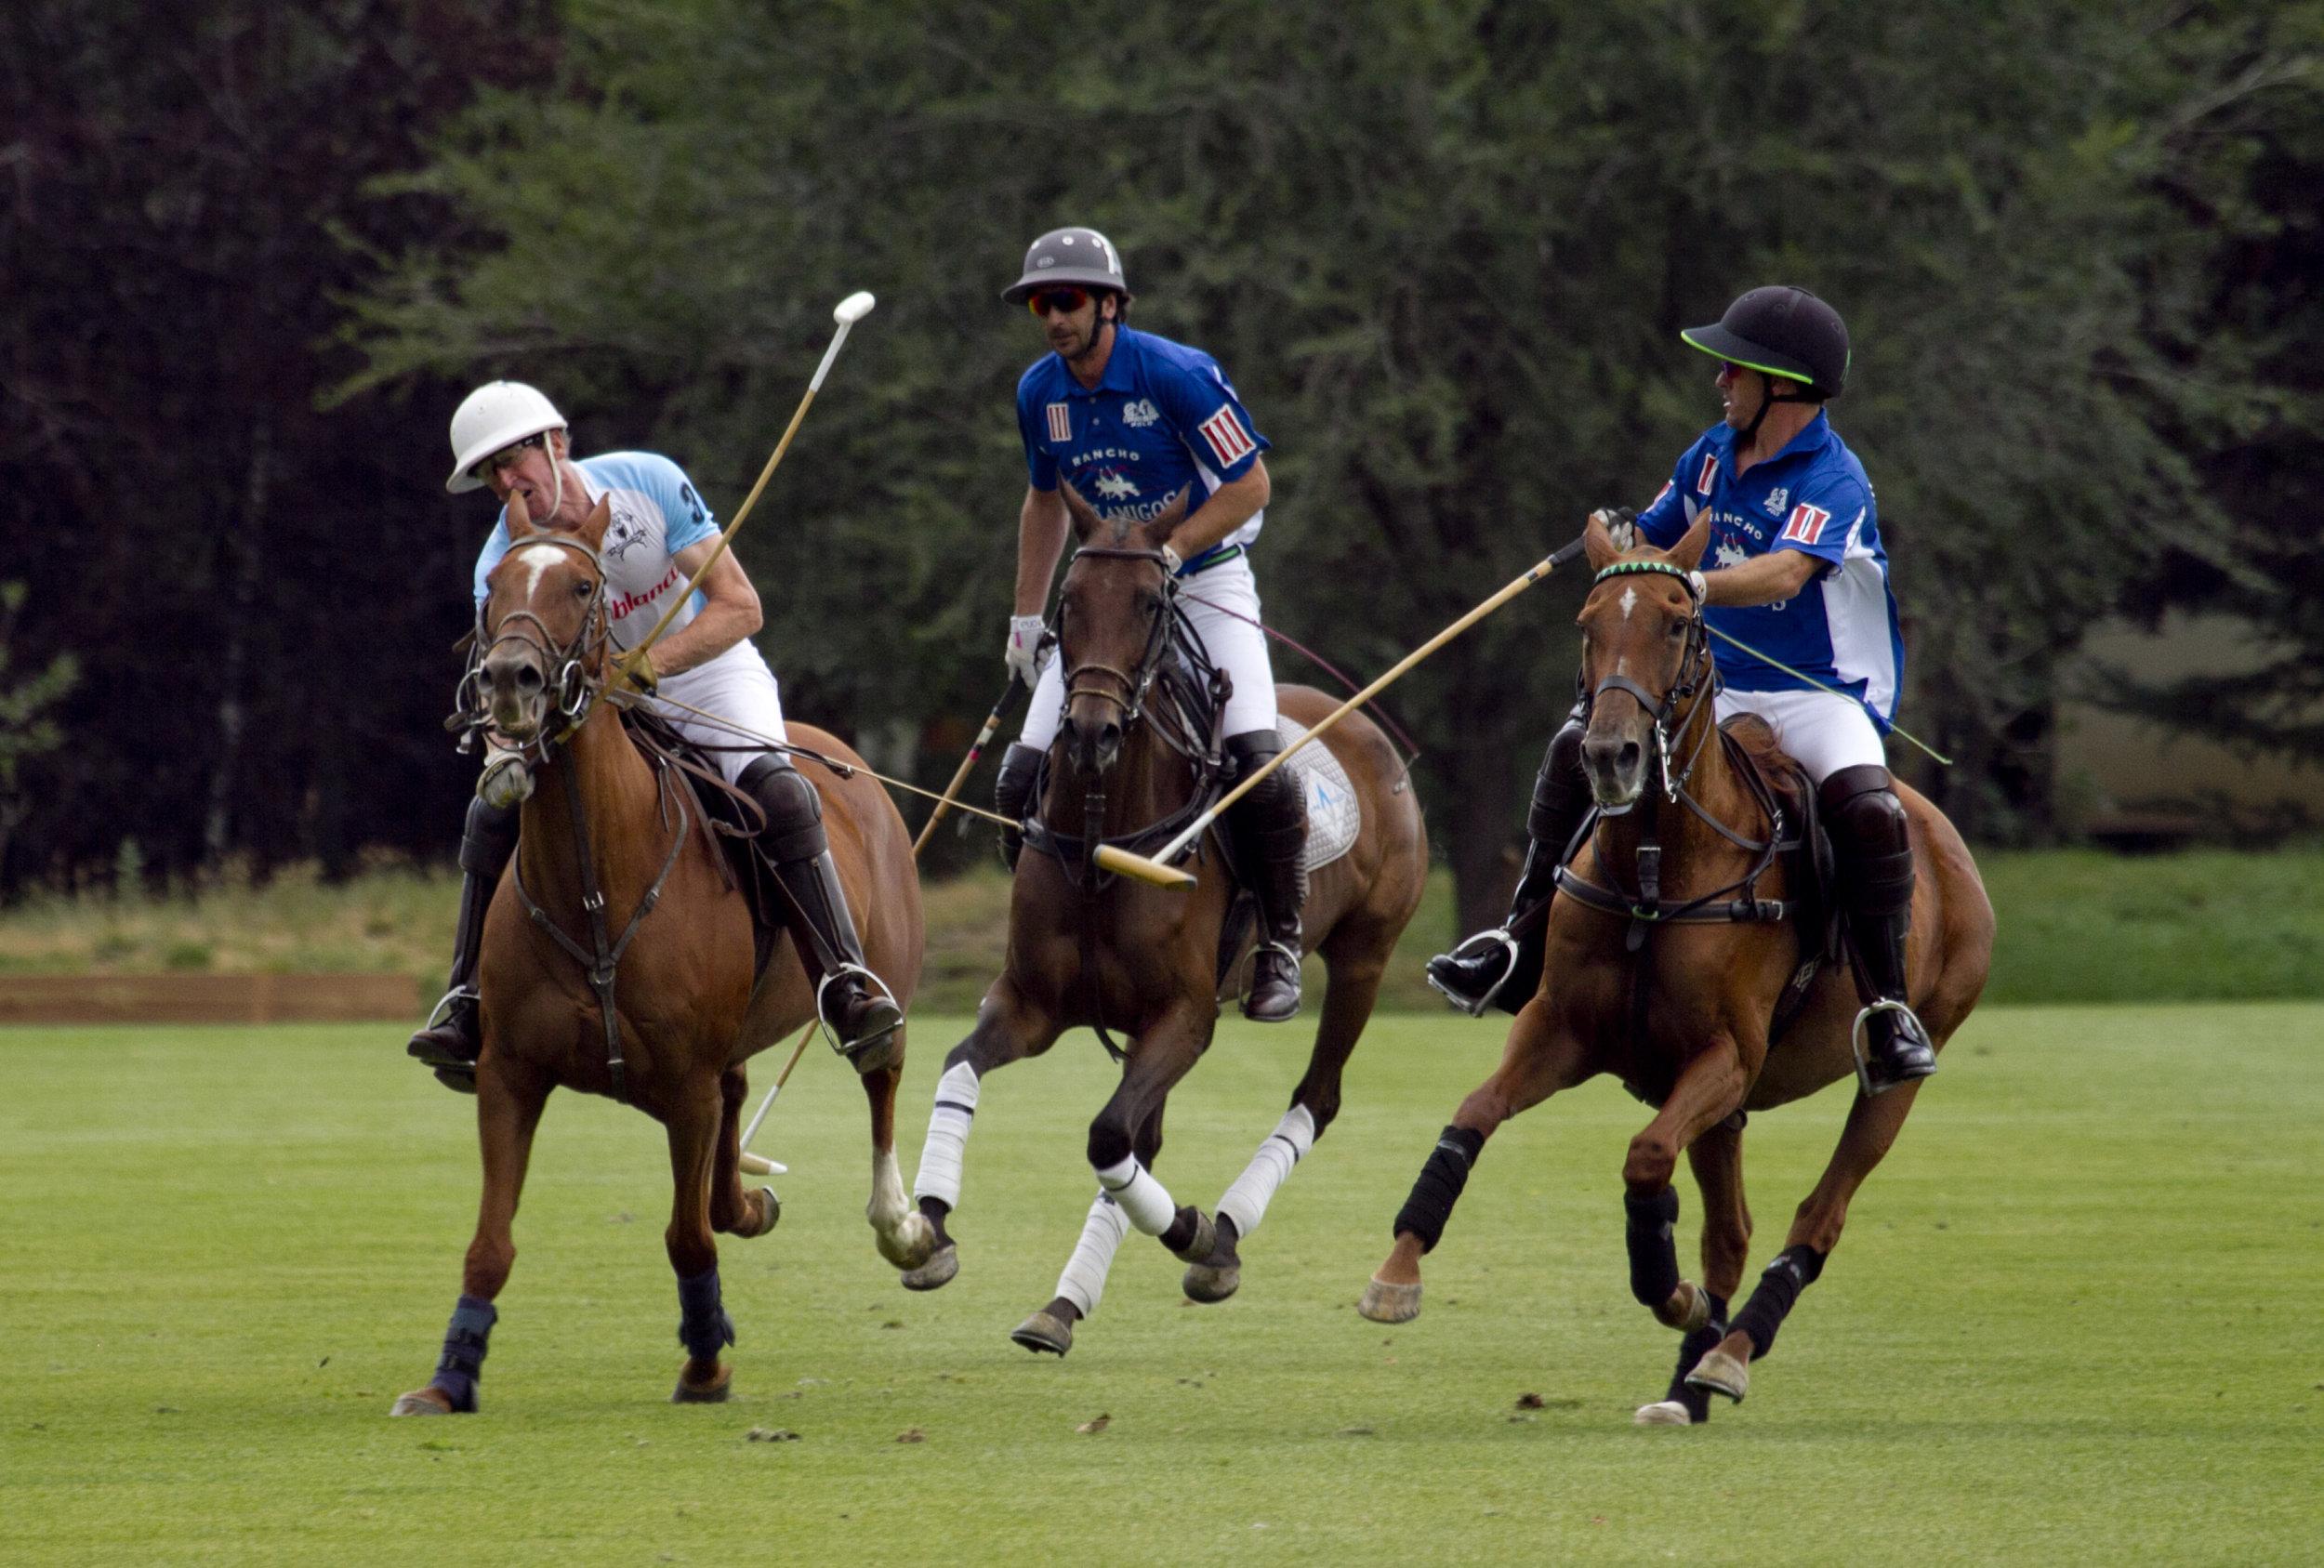 Los Amigos teammates Nacho Novillo Astrad.JPG